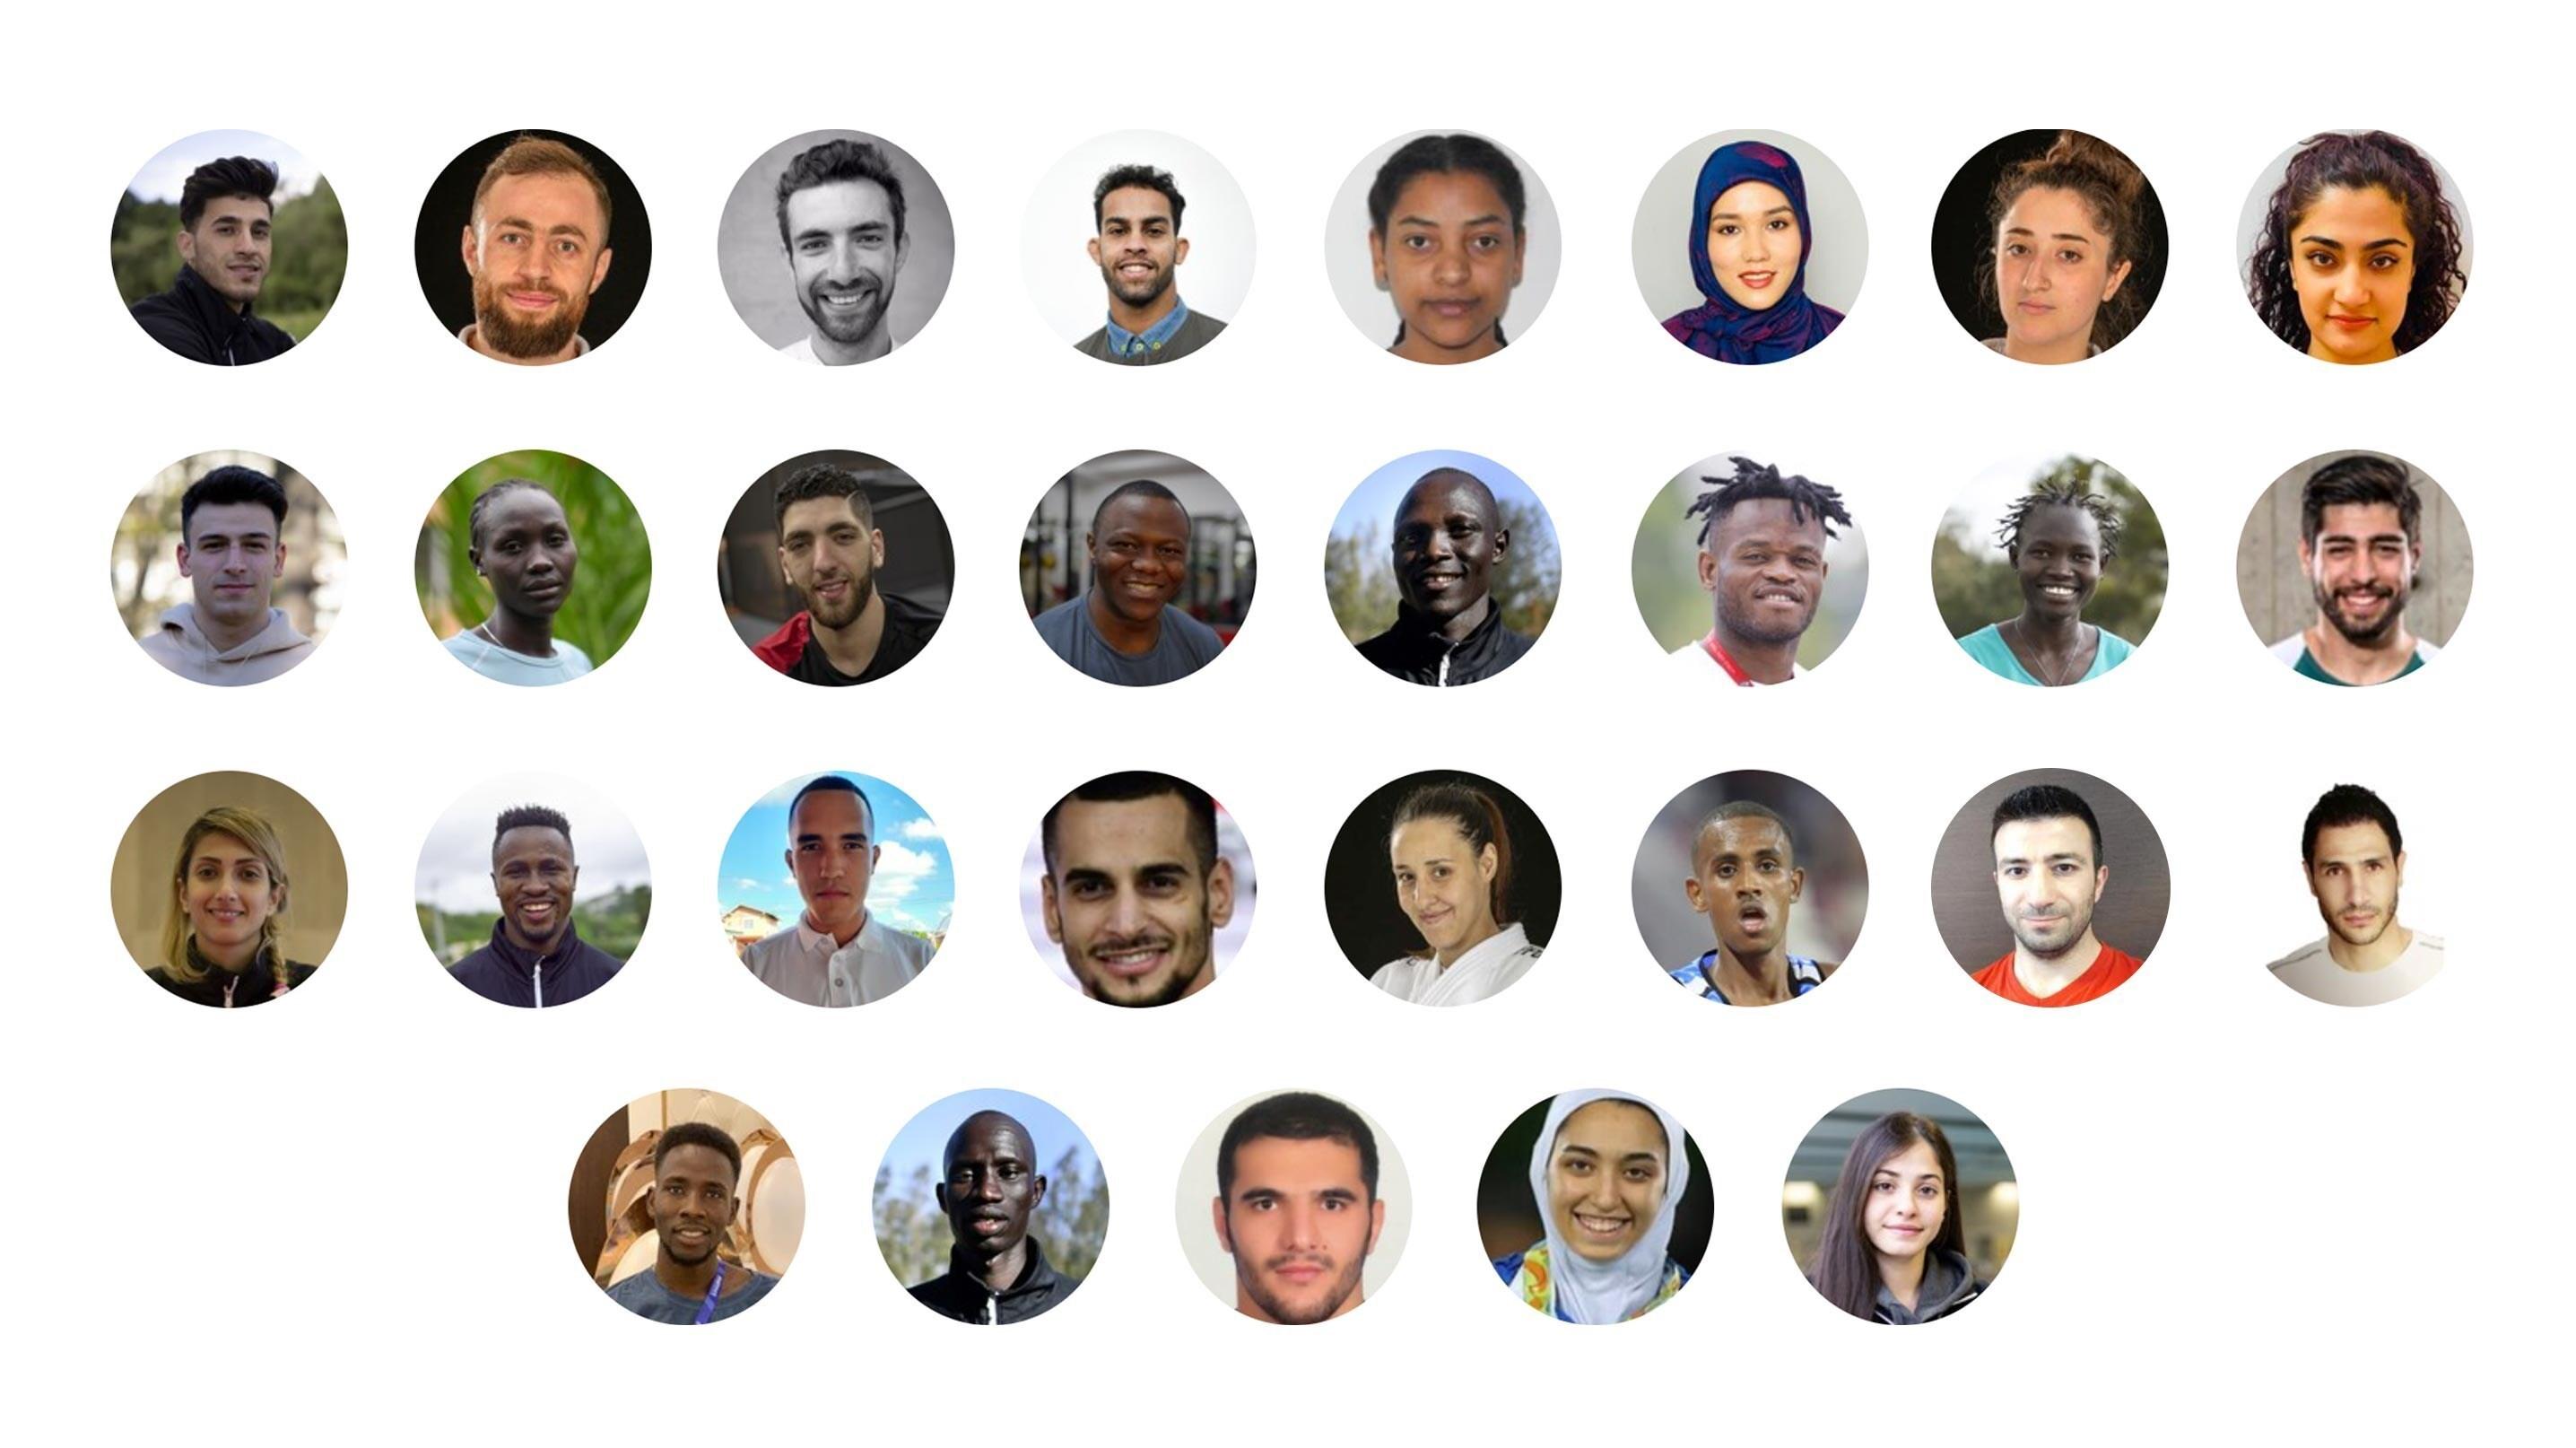 حضور ۵ ایرانی در تیم پناهندگان در المپیک توکیو